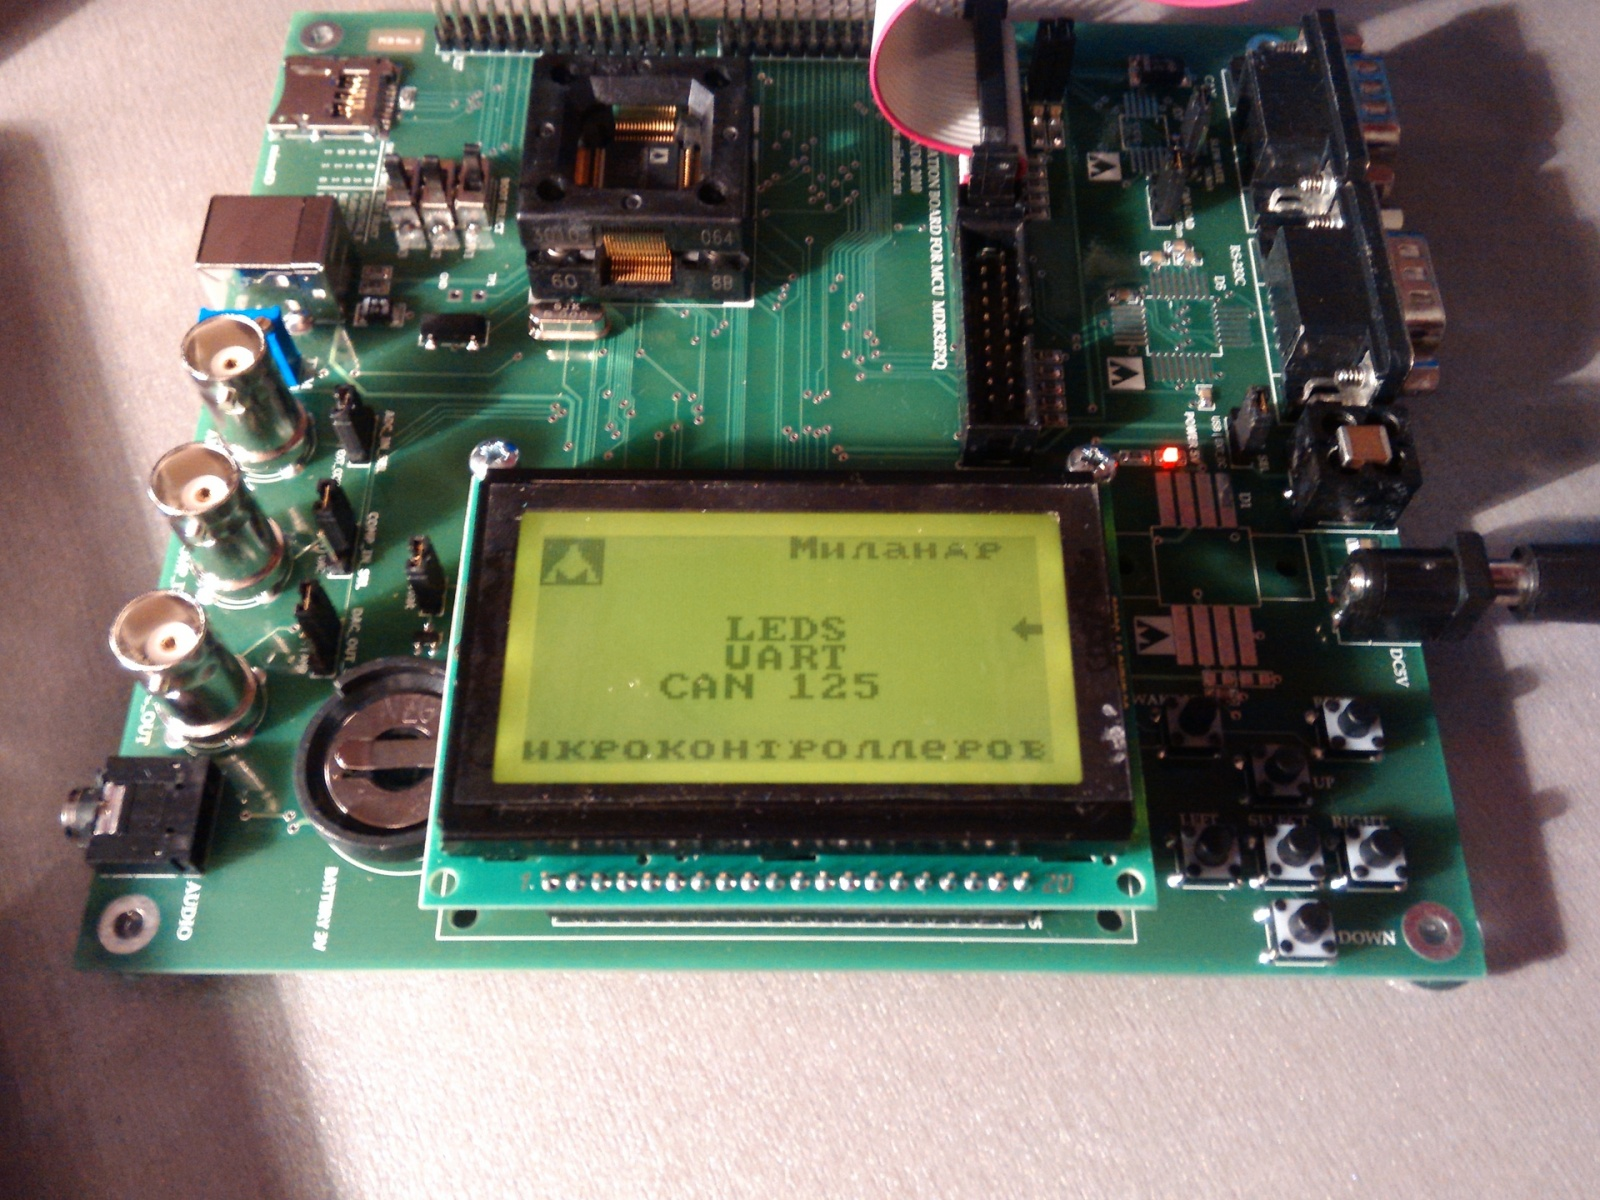 Переходим с STM32F103 на К1986ВЕ92QI. Или первое знакомство с российским микроконтроллером - 41